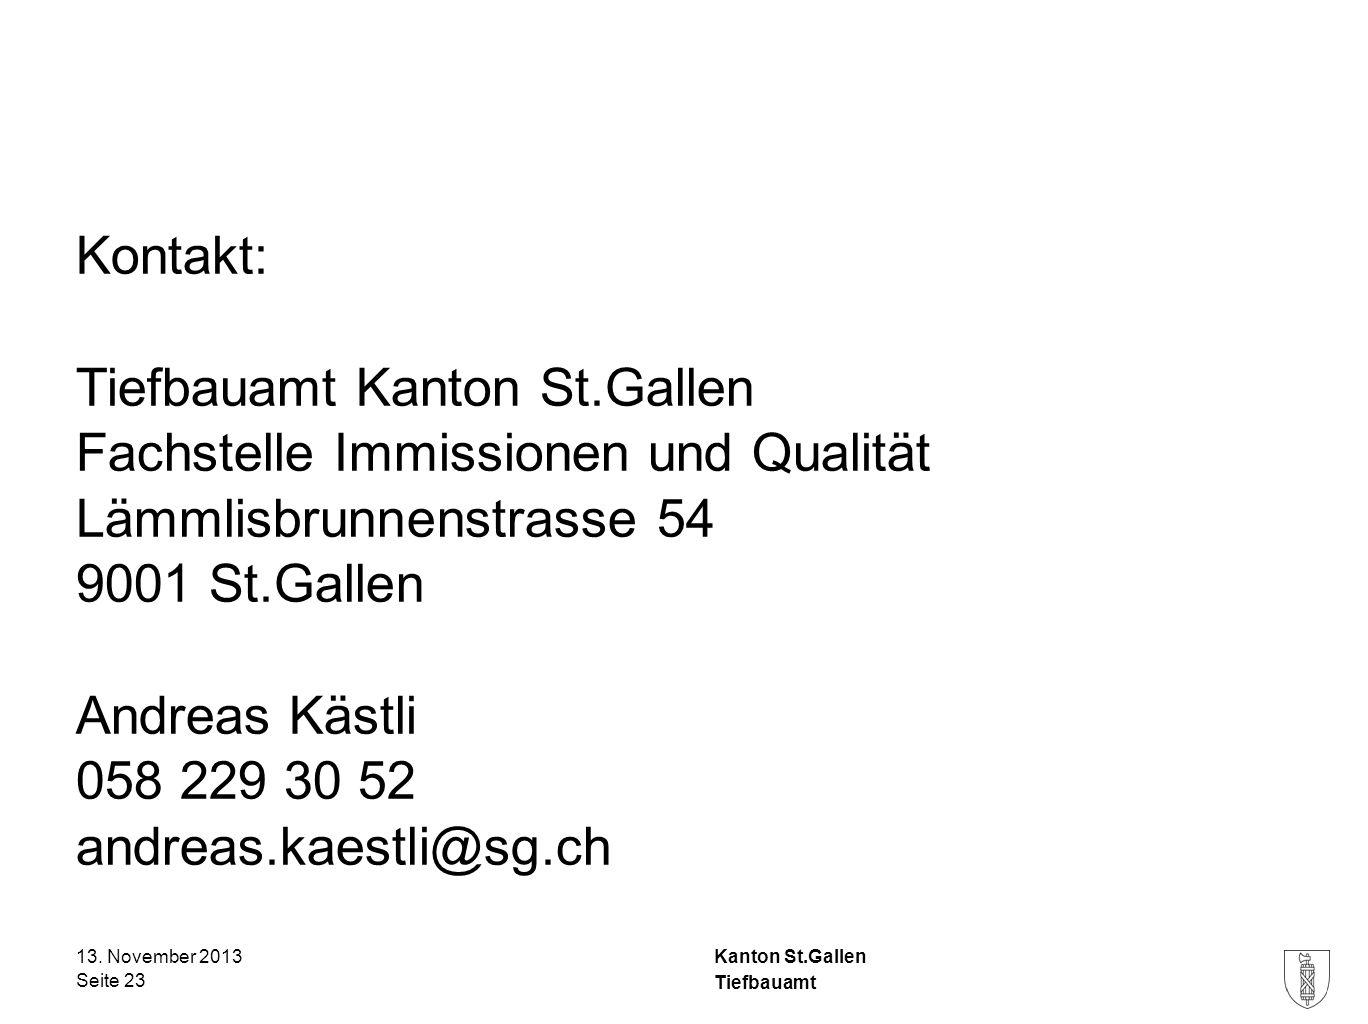 Kanton St.Gallen Kontakt: Tiefbauamt Kanton St.Gallen Fachstelle Immissionen und Qualität Lämmlisbrunnenstrasse 54 9001 St.Gallen Andreas Kästli 058 2